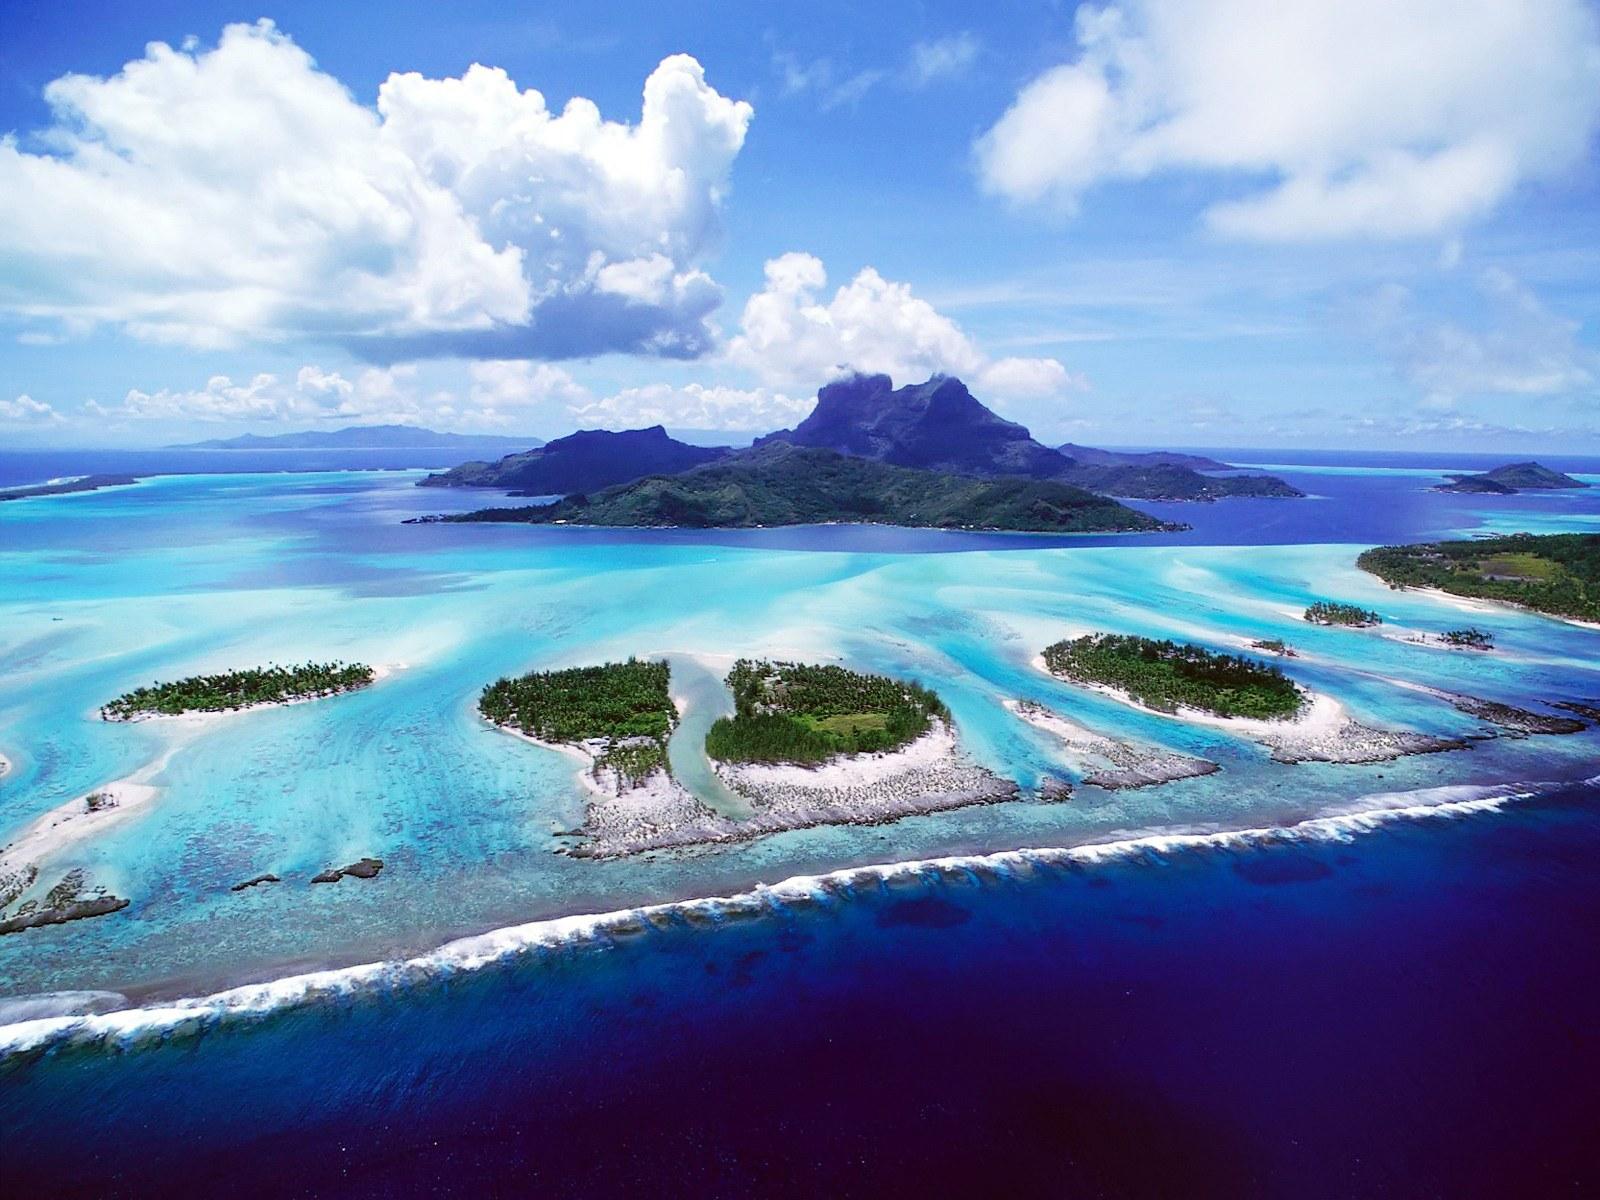 头像 苏必利尔湖 空间 壁纸/蓝色海岛 高清风景壁纸 1920 1200